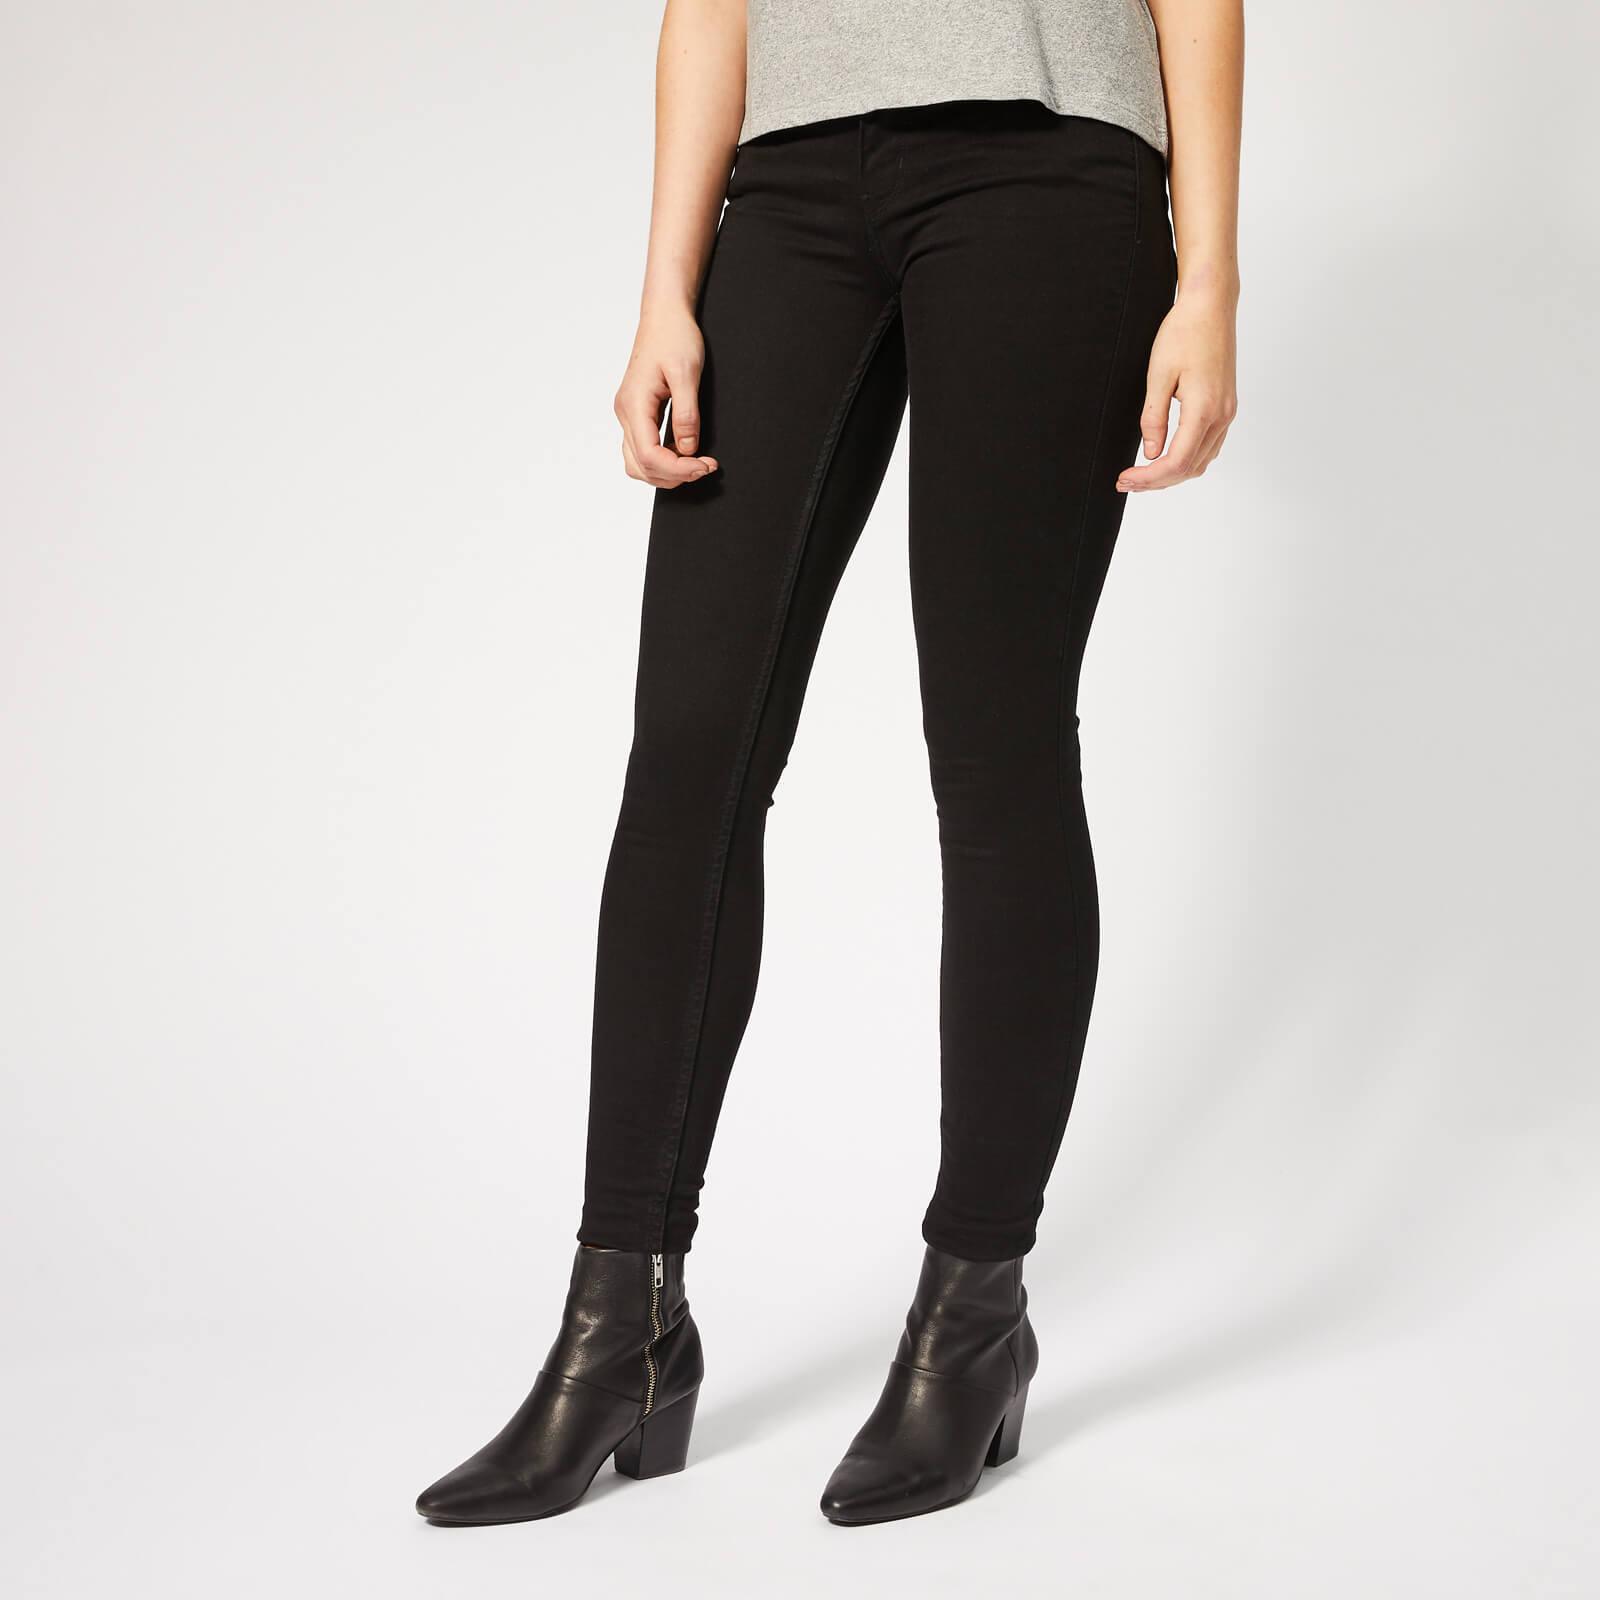 Levi's s Innovation Super Skinny Jeans - Black Galaxy - W30/L32